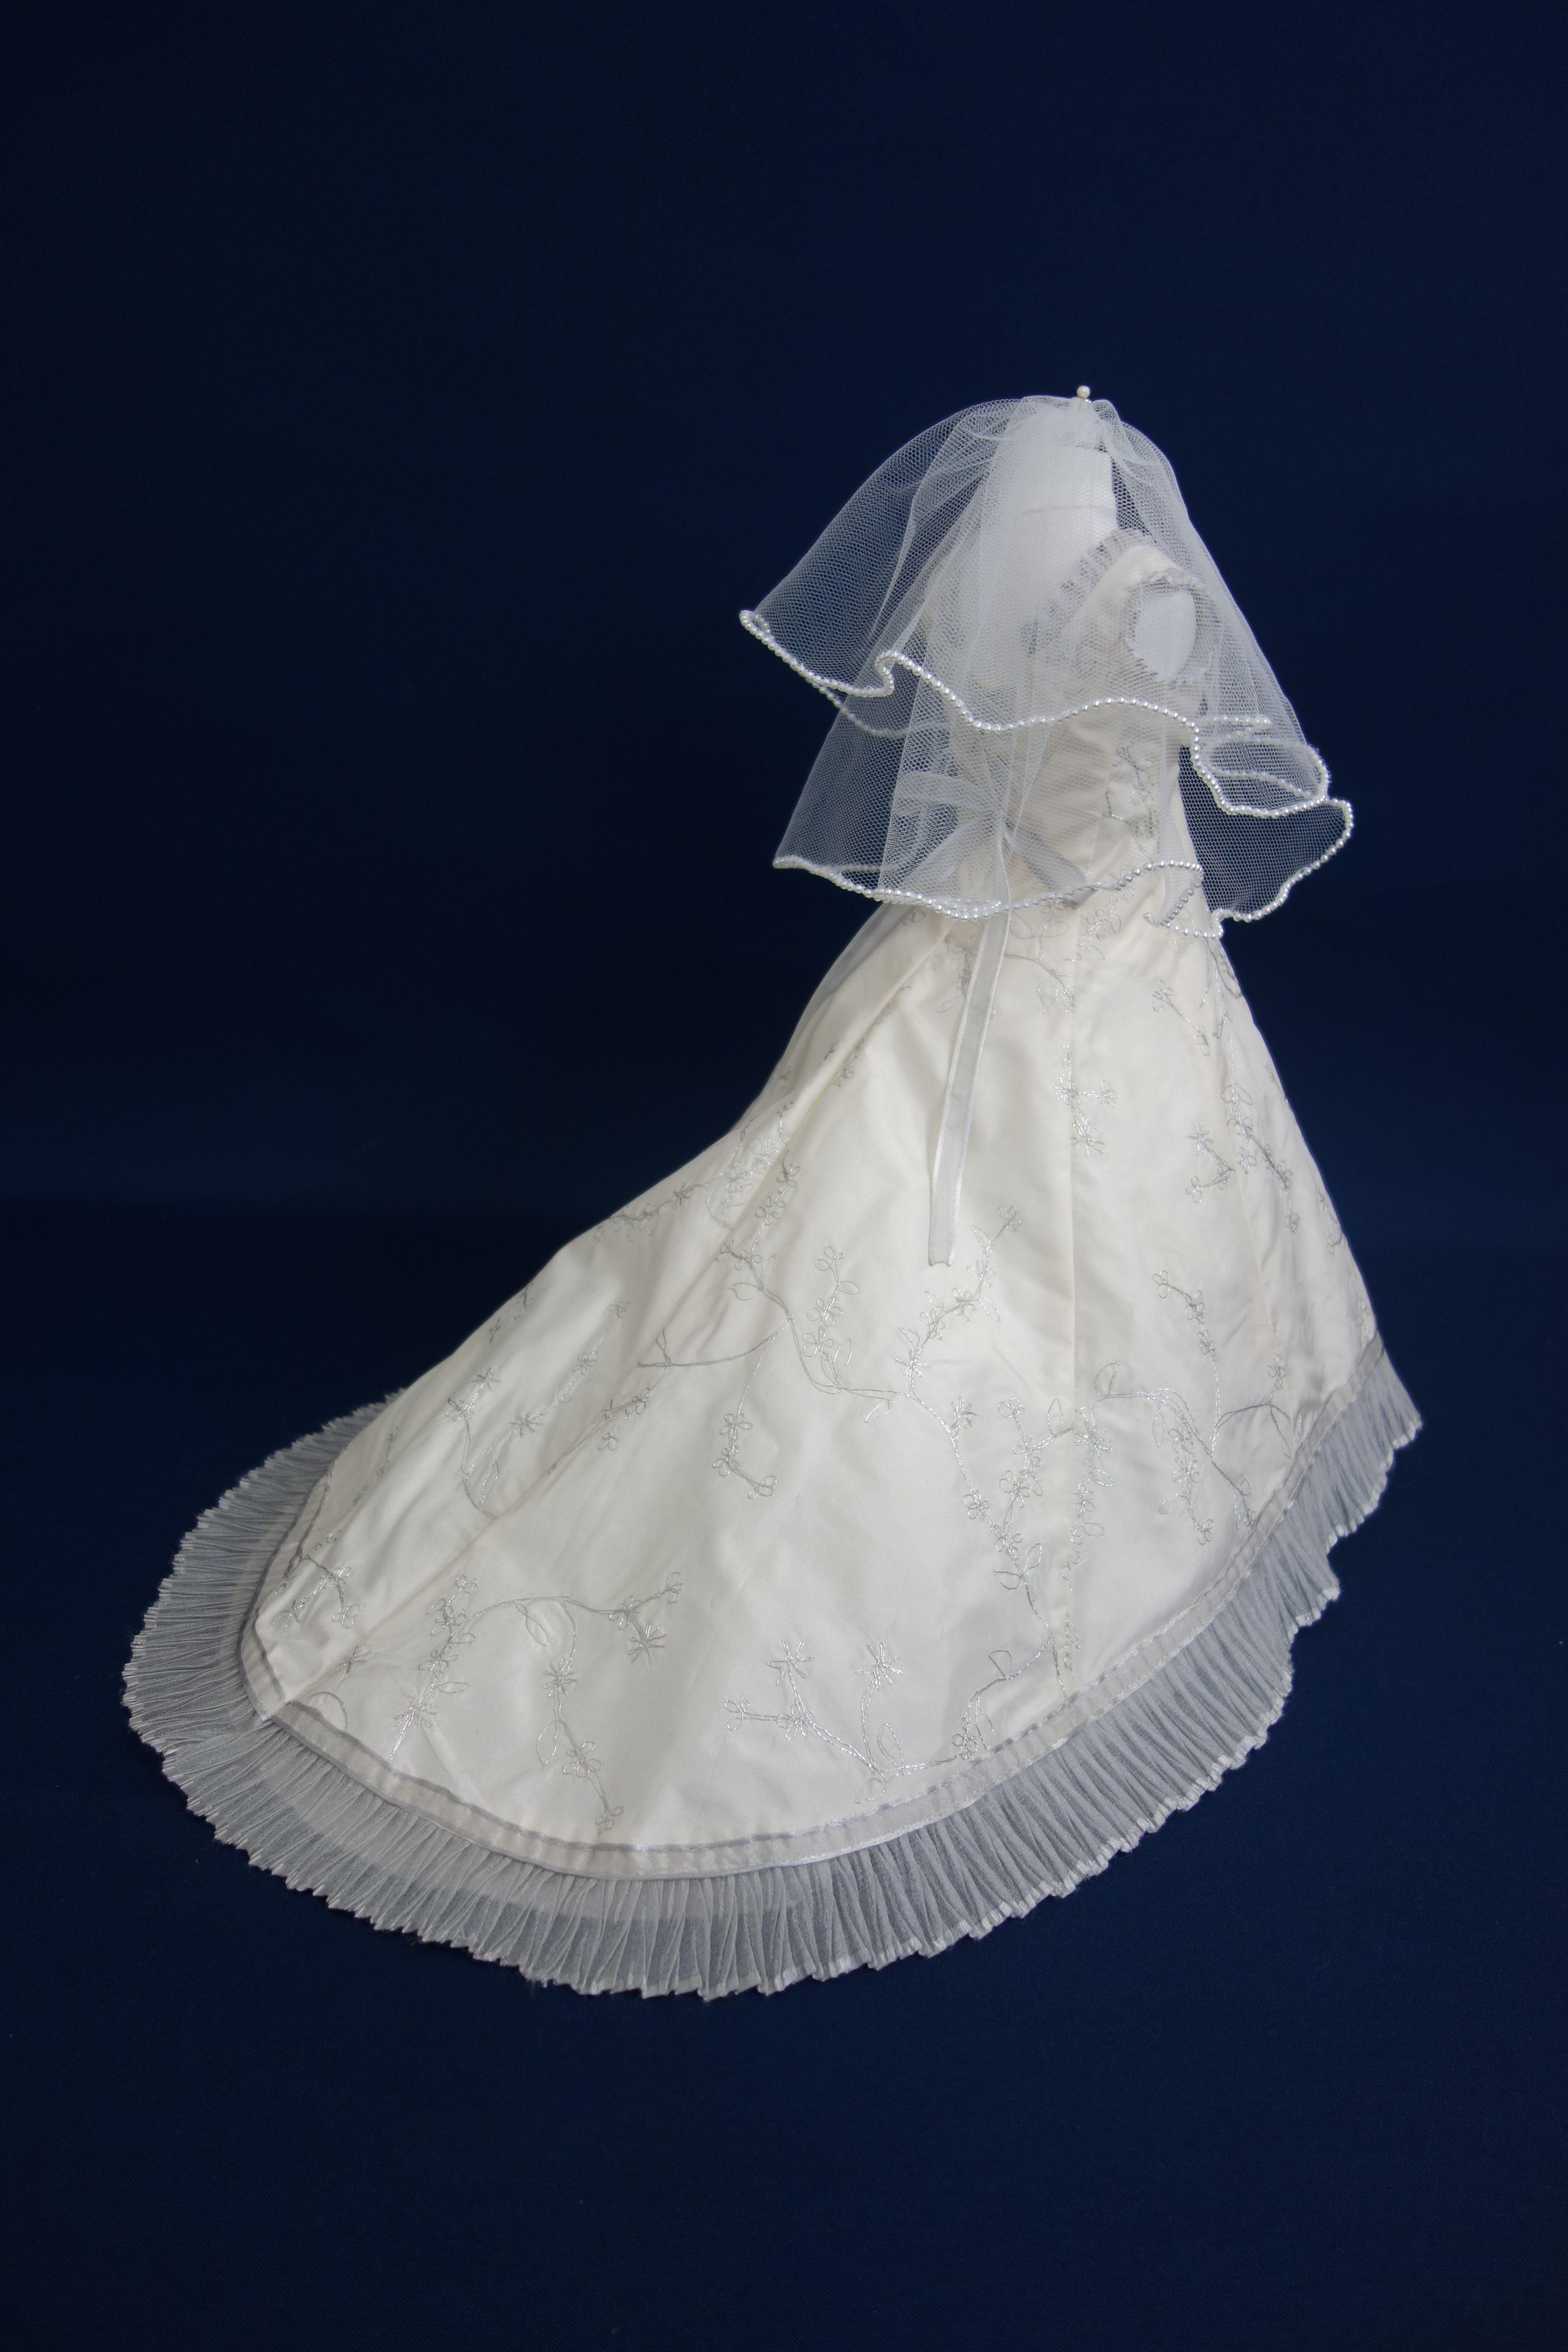 Hanakanadress ウエディングドレスとベールをミニチュアドレスへリメイクしました ウエディングドレスリメイク ベールリメイク ミニチュアドレス ミニチュアドール シルクドレス ベビードレス ウエディングドール ドレス